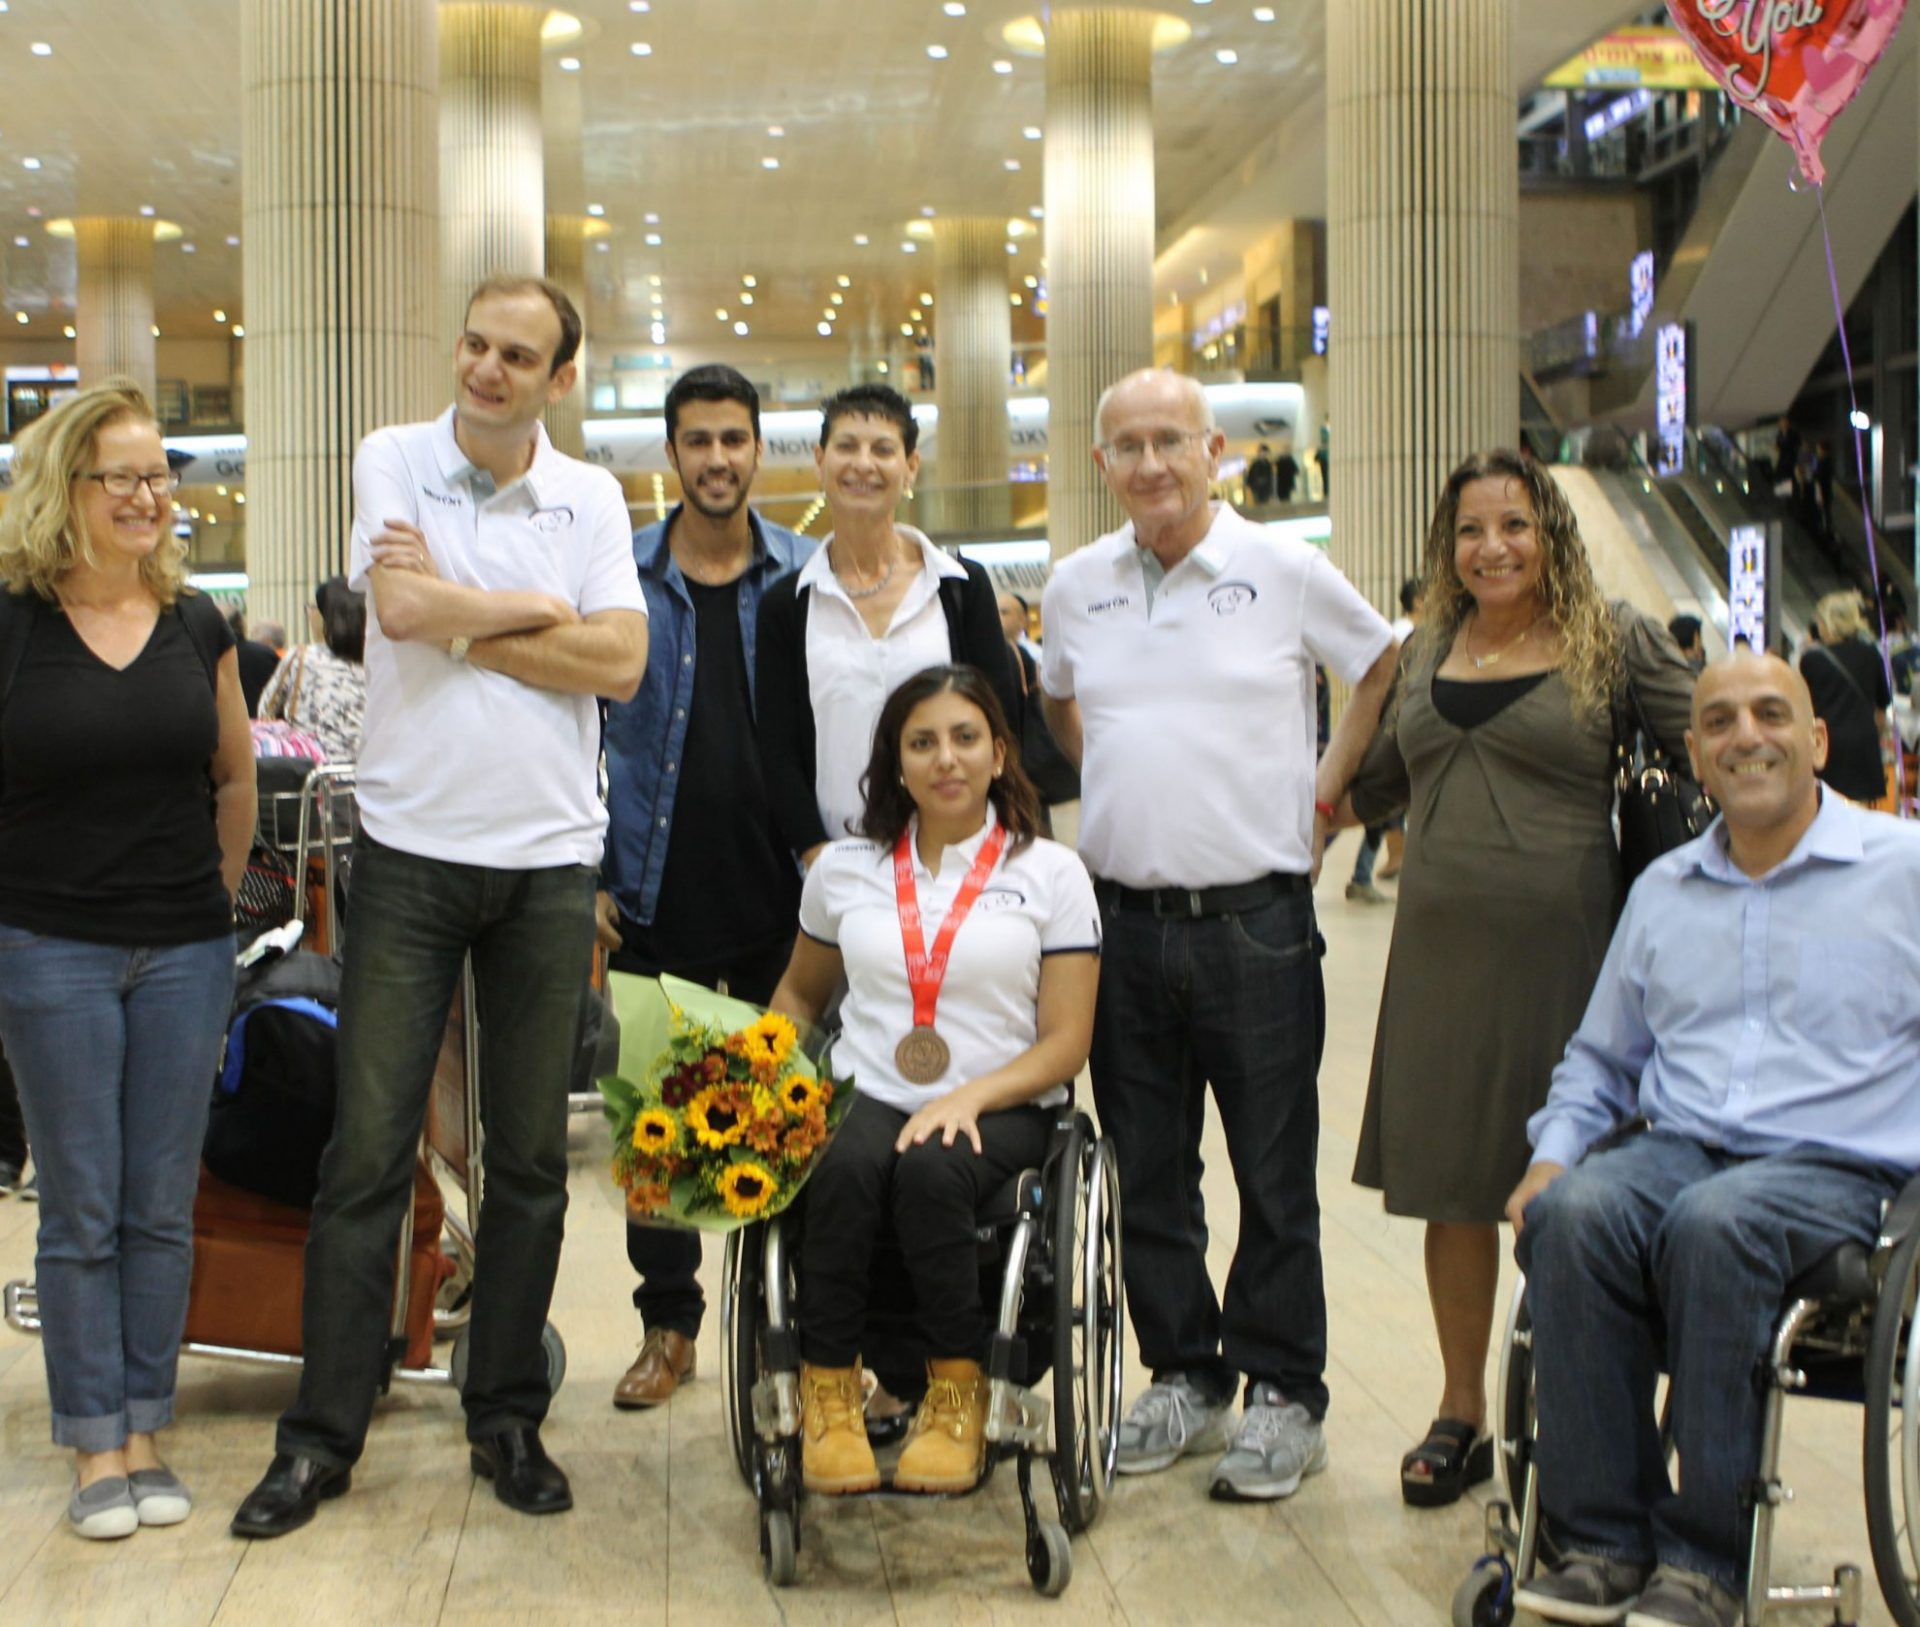 קרולין טביב - מדלייד ארד באליפות אירופה בטניס שולחן 2015